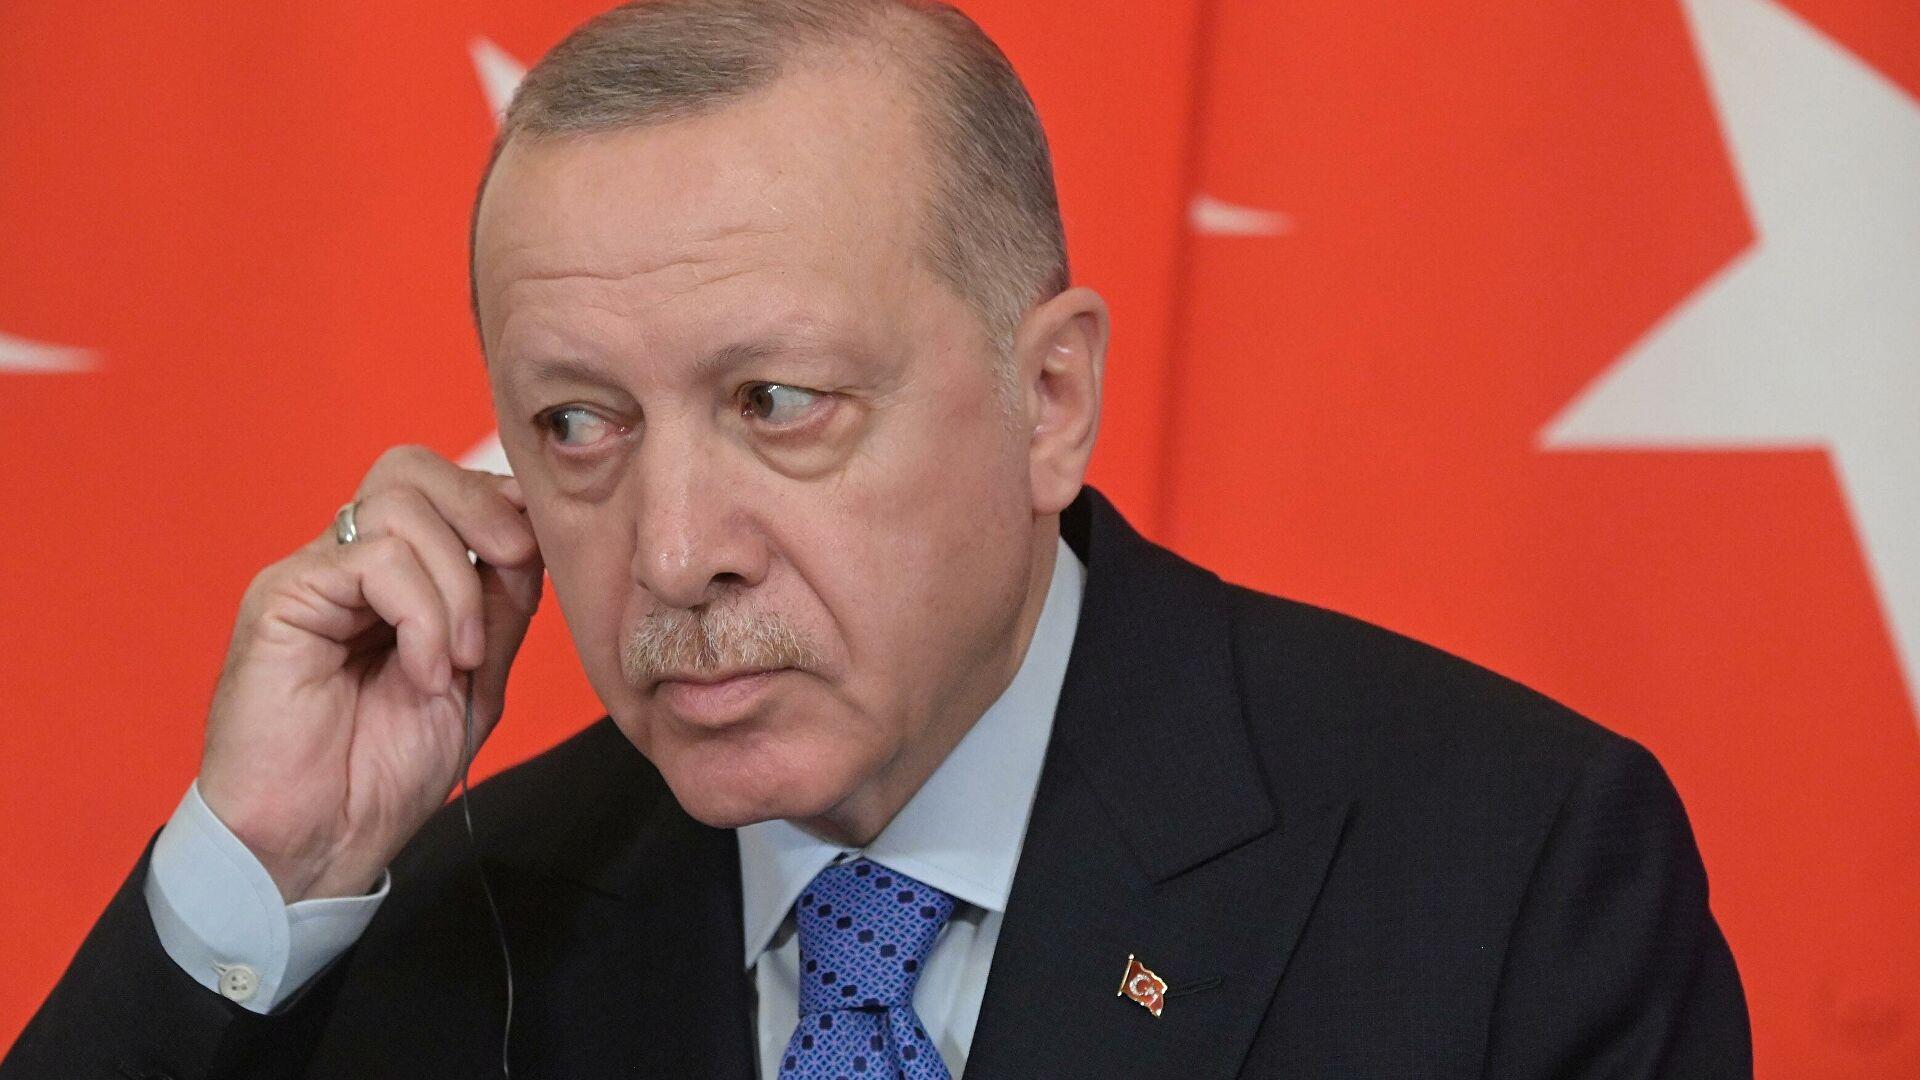 Ердоган САД-у: Ми нисмо племенска држава, ми смо Турска